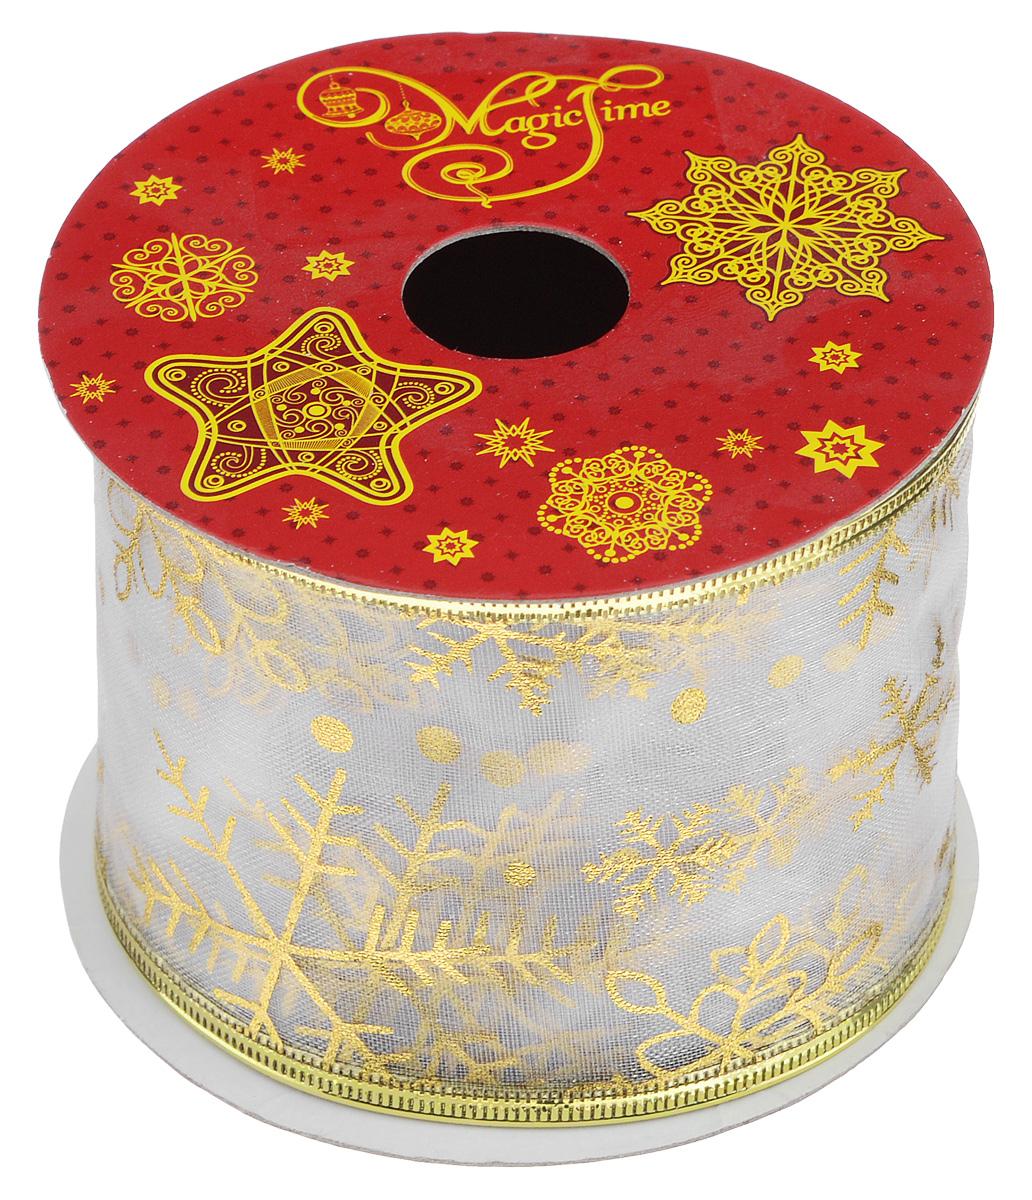 Декоративная лента Феникс-презент Magic Time, цвет: белый, золотистый, длина 2,7 м. 3888638886Декоративная лента Феникс-презент Magic Time выполнена из полиэстера и декорирована изображением снежинок. В края ленты вставлена проволока, благодаря чему ее легко фиксировать. Лента предназначена для оформления подарочных коробок, пакетов. Кроме того, декоративная лента с успехом применяется для художественного оформления витрин, праздничного оформления помещений, изготовления искусственных цветов. Декоративная лента украсит интерьер вашего дома к праздникам. Ширина ленты: 6,3 см.